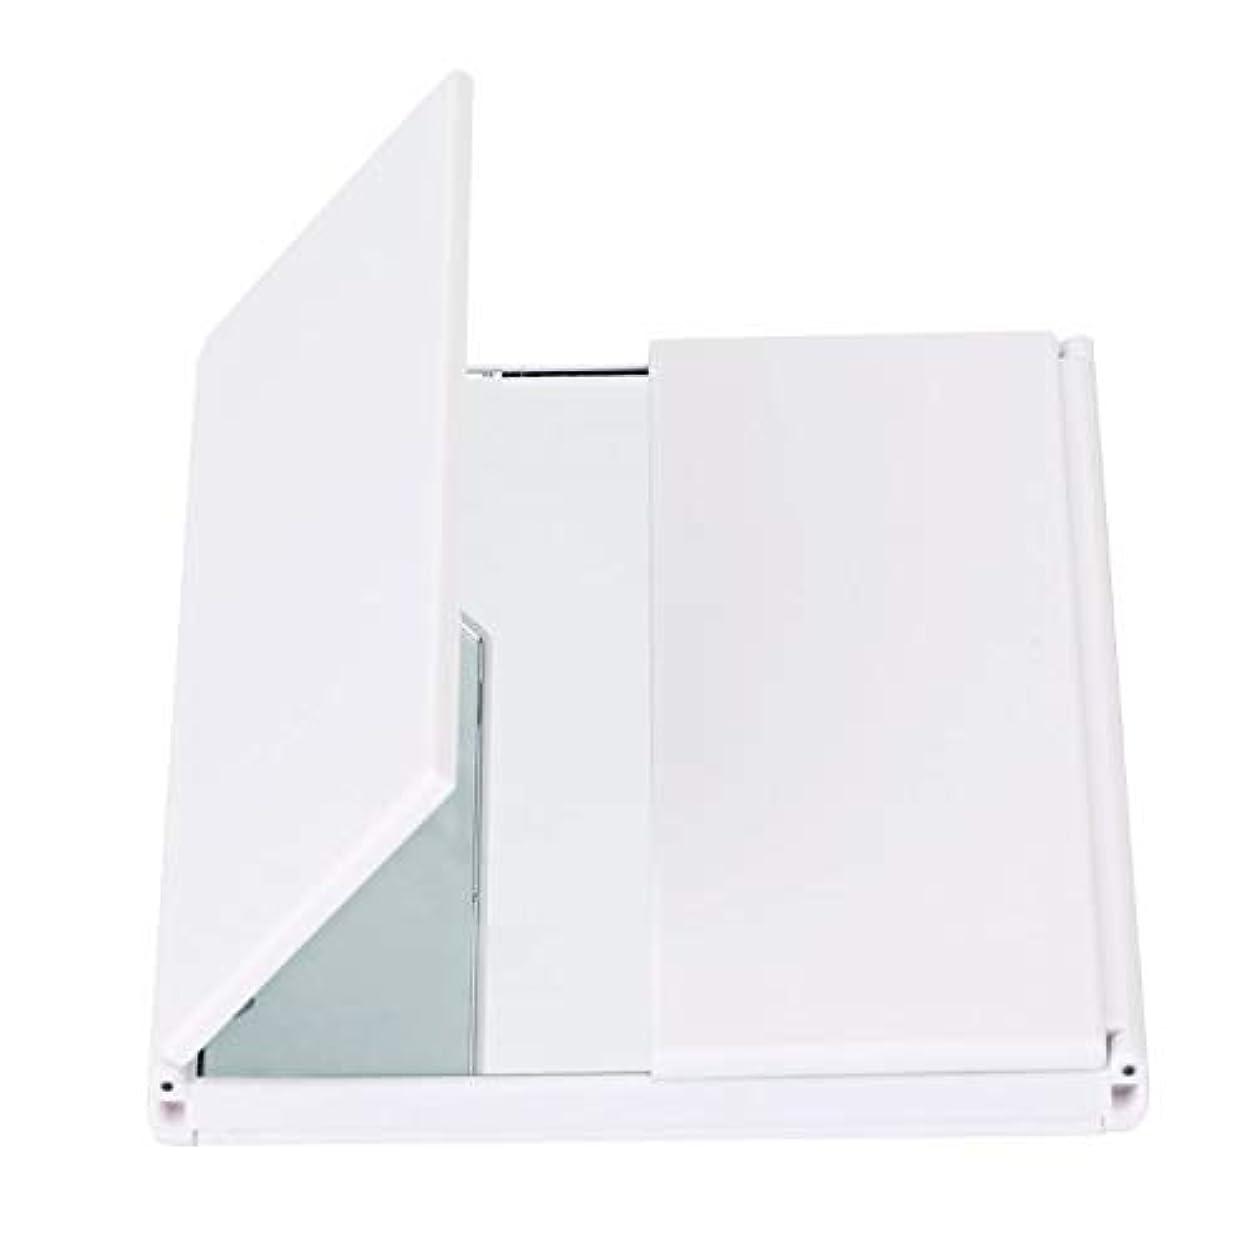 開発すると代表団化粧鏡、導かれた軽い旅行化粧品のギフトが付いている三重の虚栄心ミラーの卓上スタンド (Color : ホワイト)